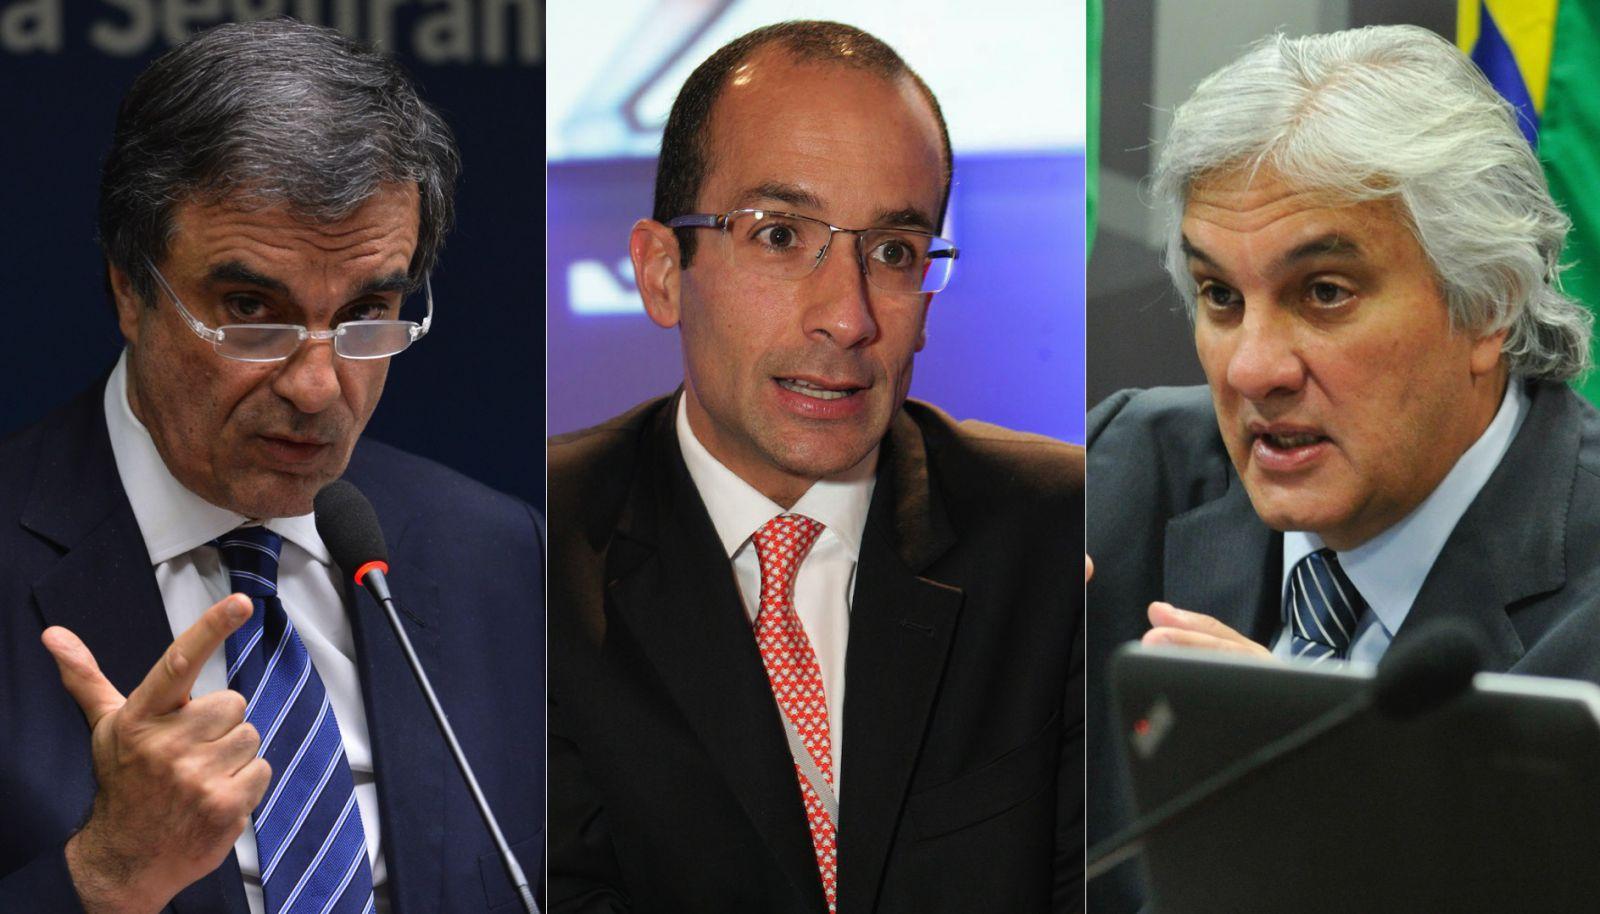 Crise Política – Suposta denúncia do senador Delcídio do Amaral ainda não é delação premiada